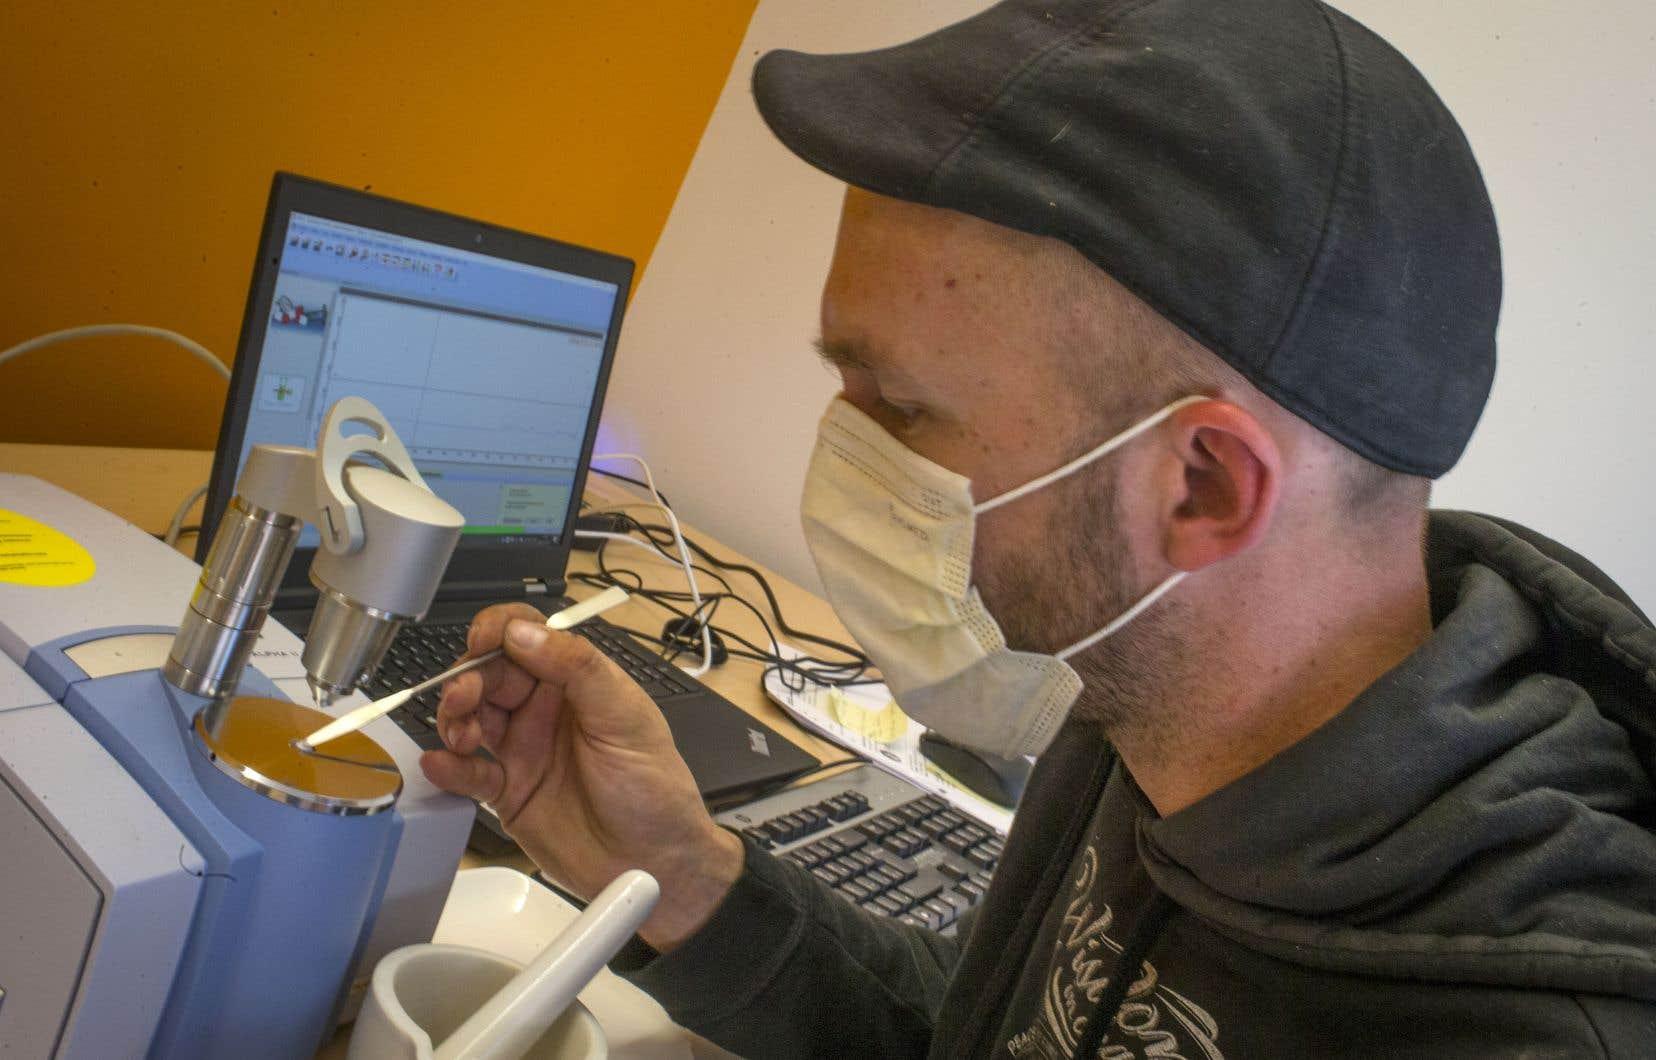 Le d.g. de Cactus, Jean-François Mary, simule une analyse rapide de drogue en attendant d'avoir les exemptions qui lui permettront d'aller de l'avant avec le projet.